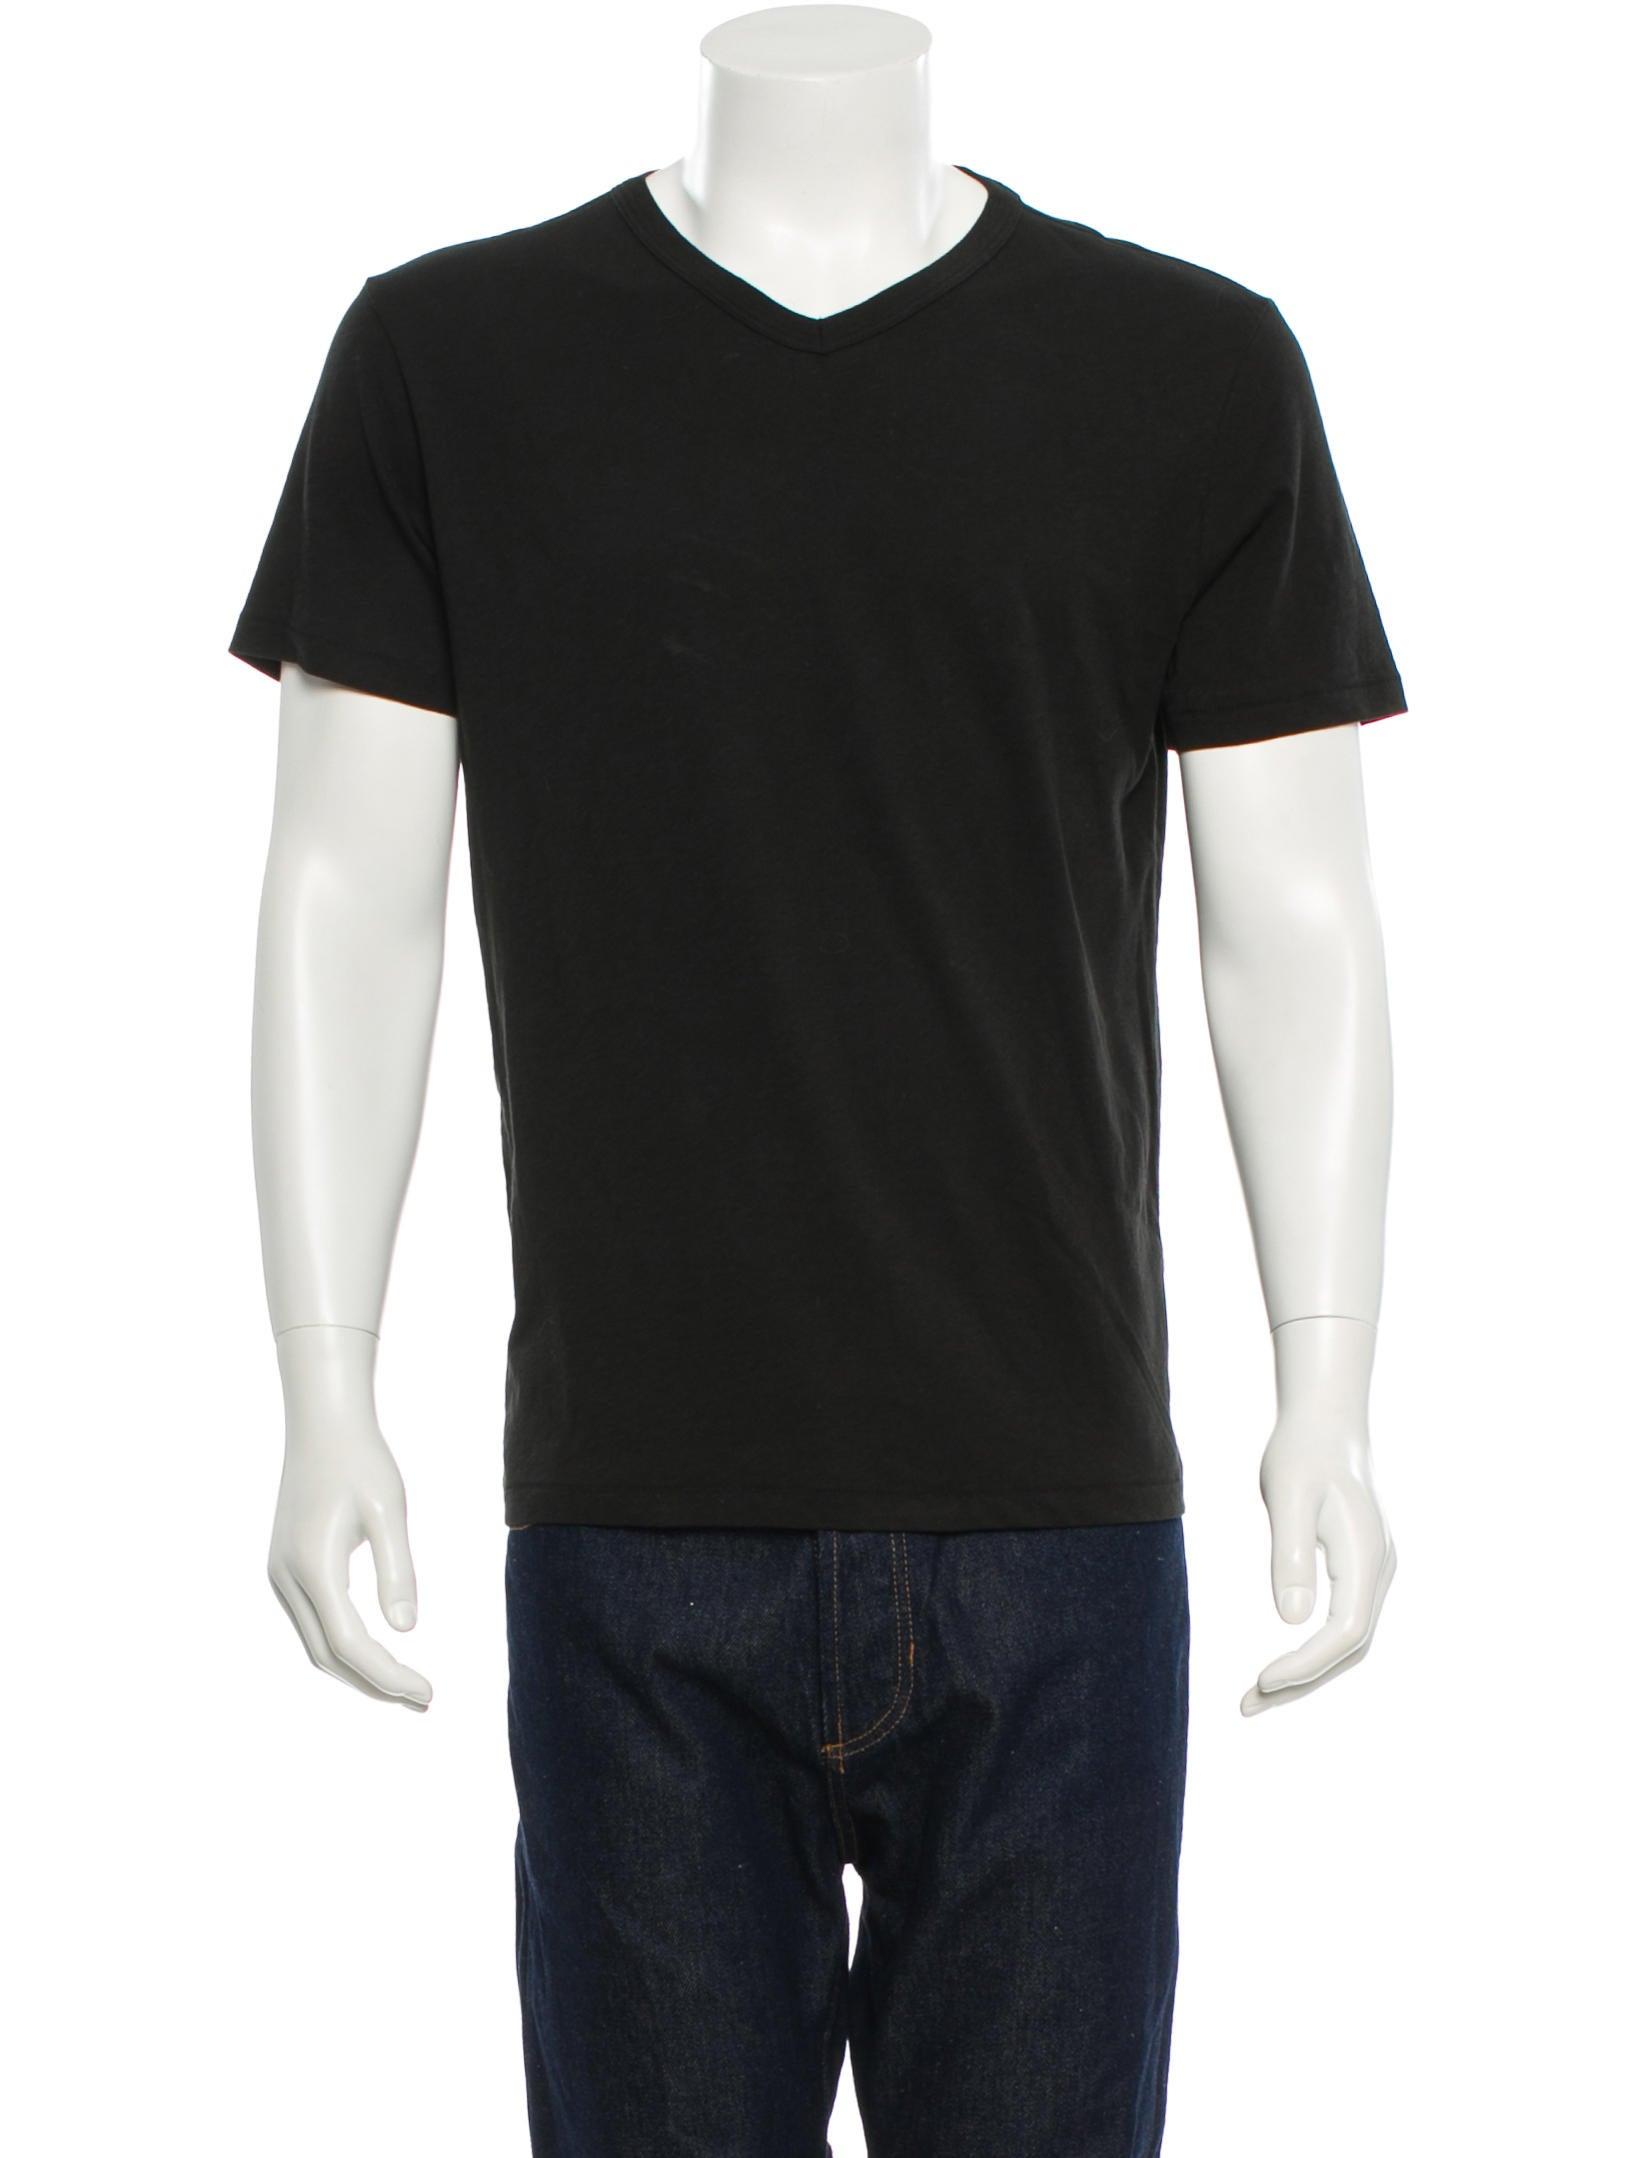 Rag bone t shirt w tags mens shirts wragb31350 for Rag and bone t shirts